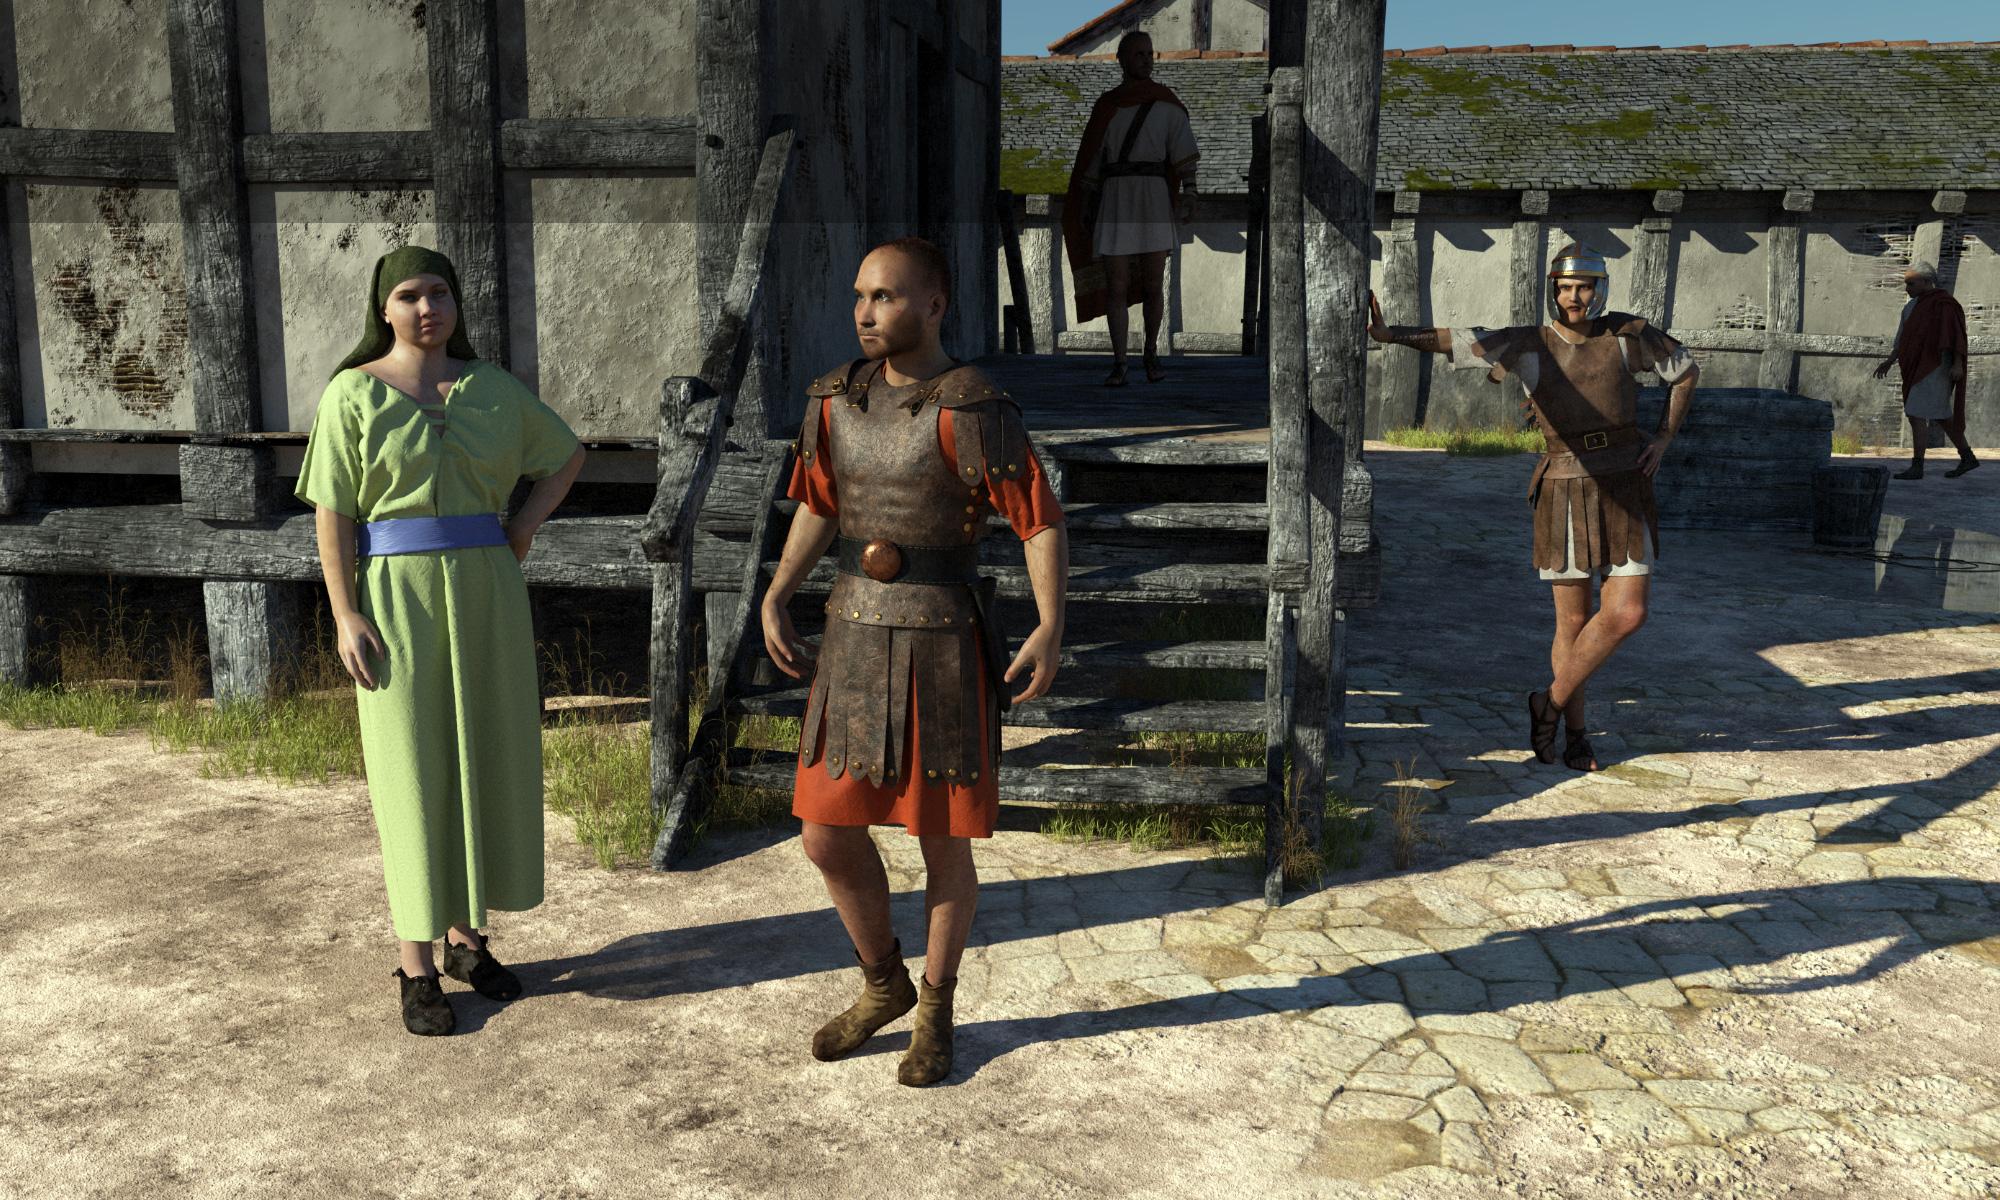 Roman castellum scene